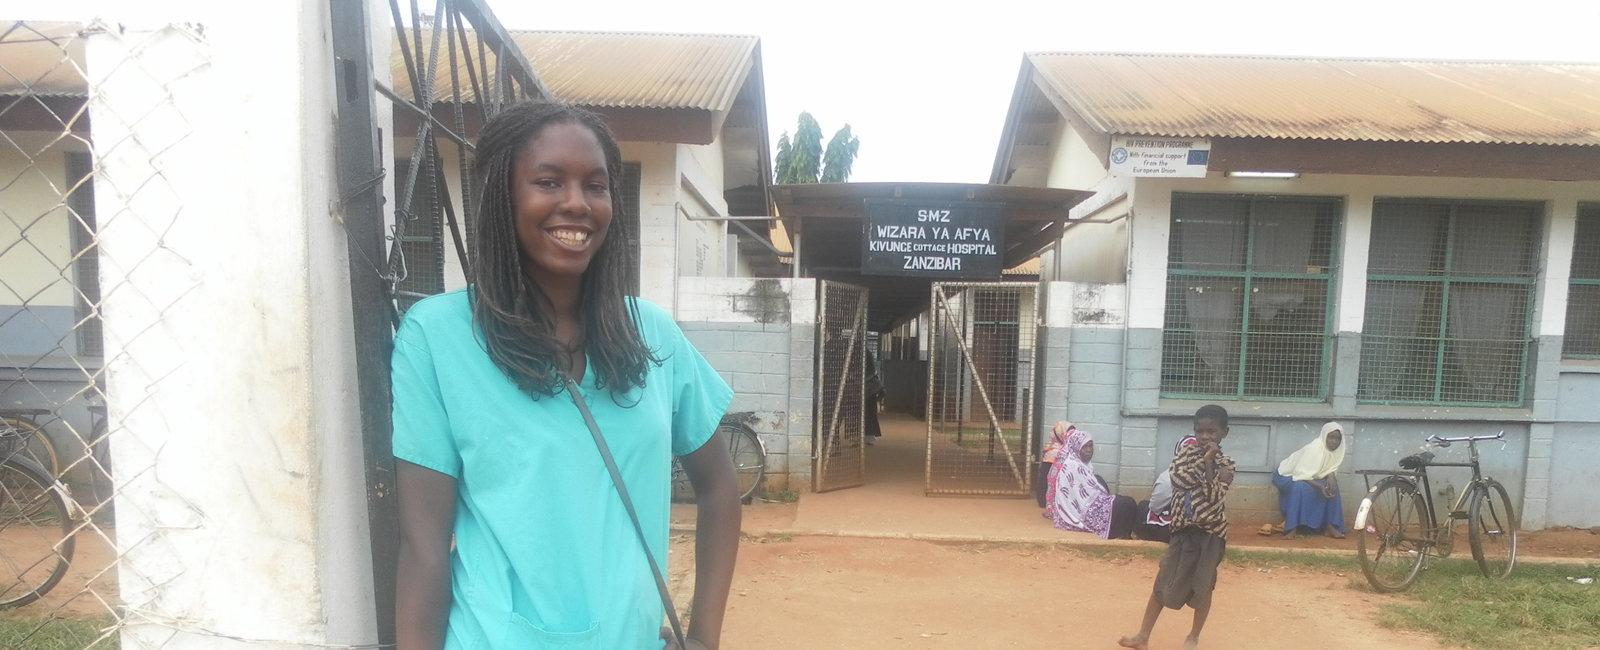 Naomi Oliver - Medical Electives in Tanzania Dar es Salaam